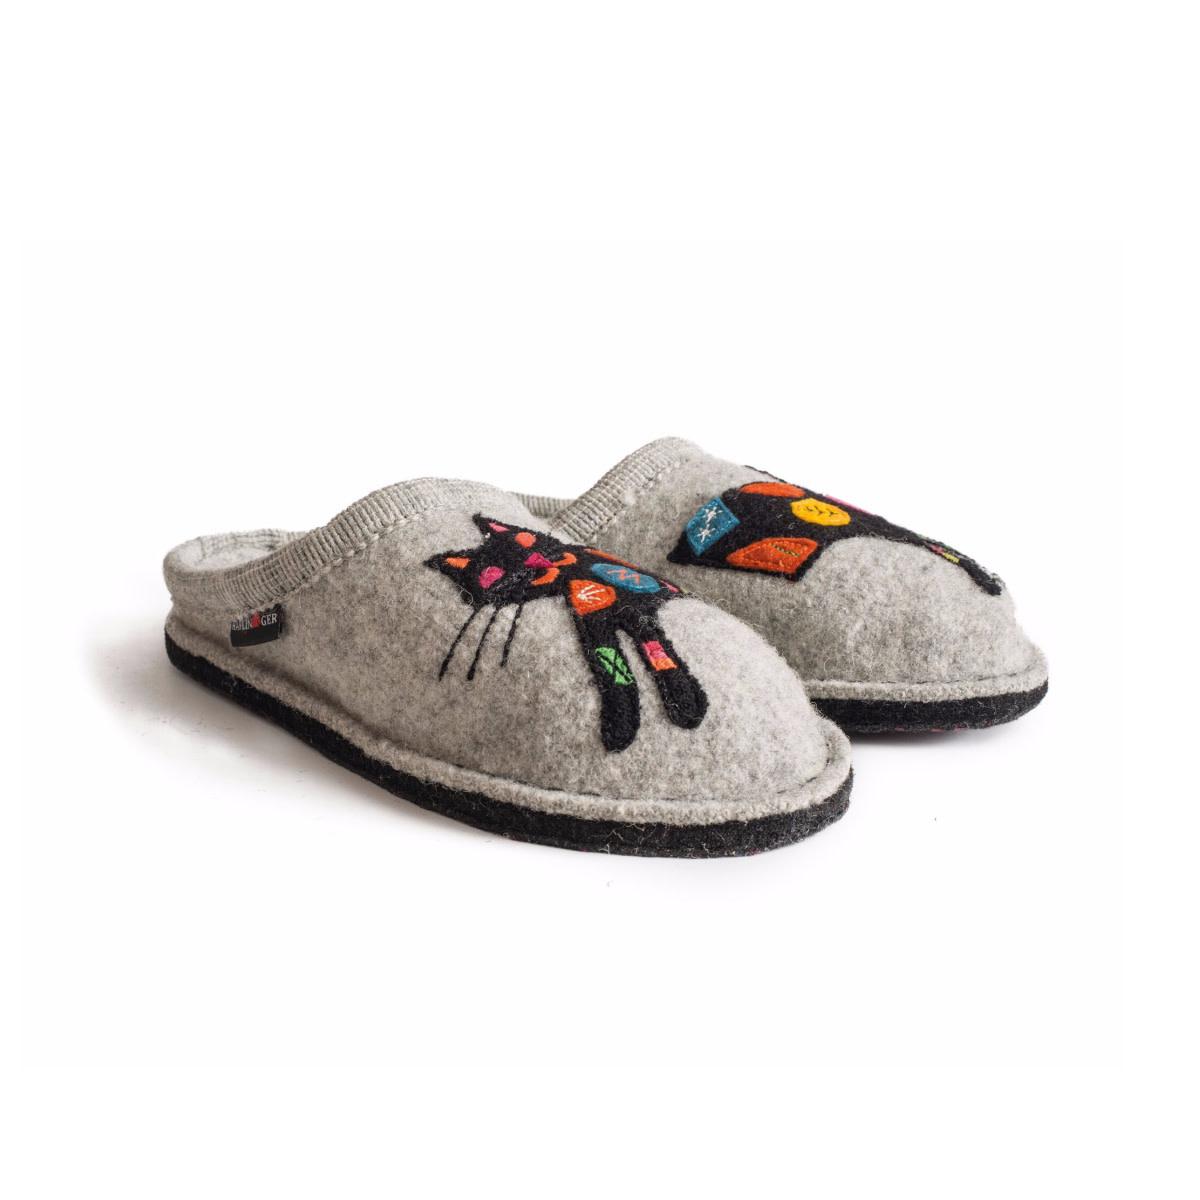 Haflinger Haflinger Women's Sassy Slipper Grey